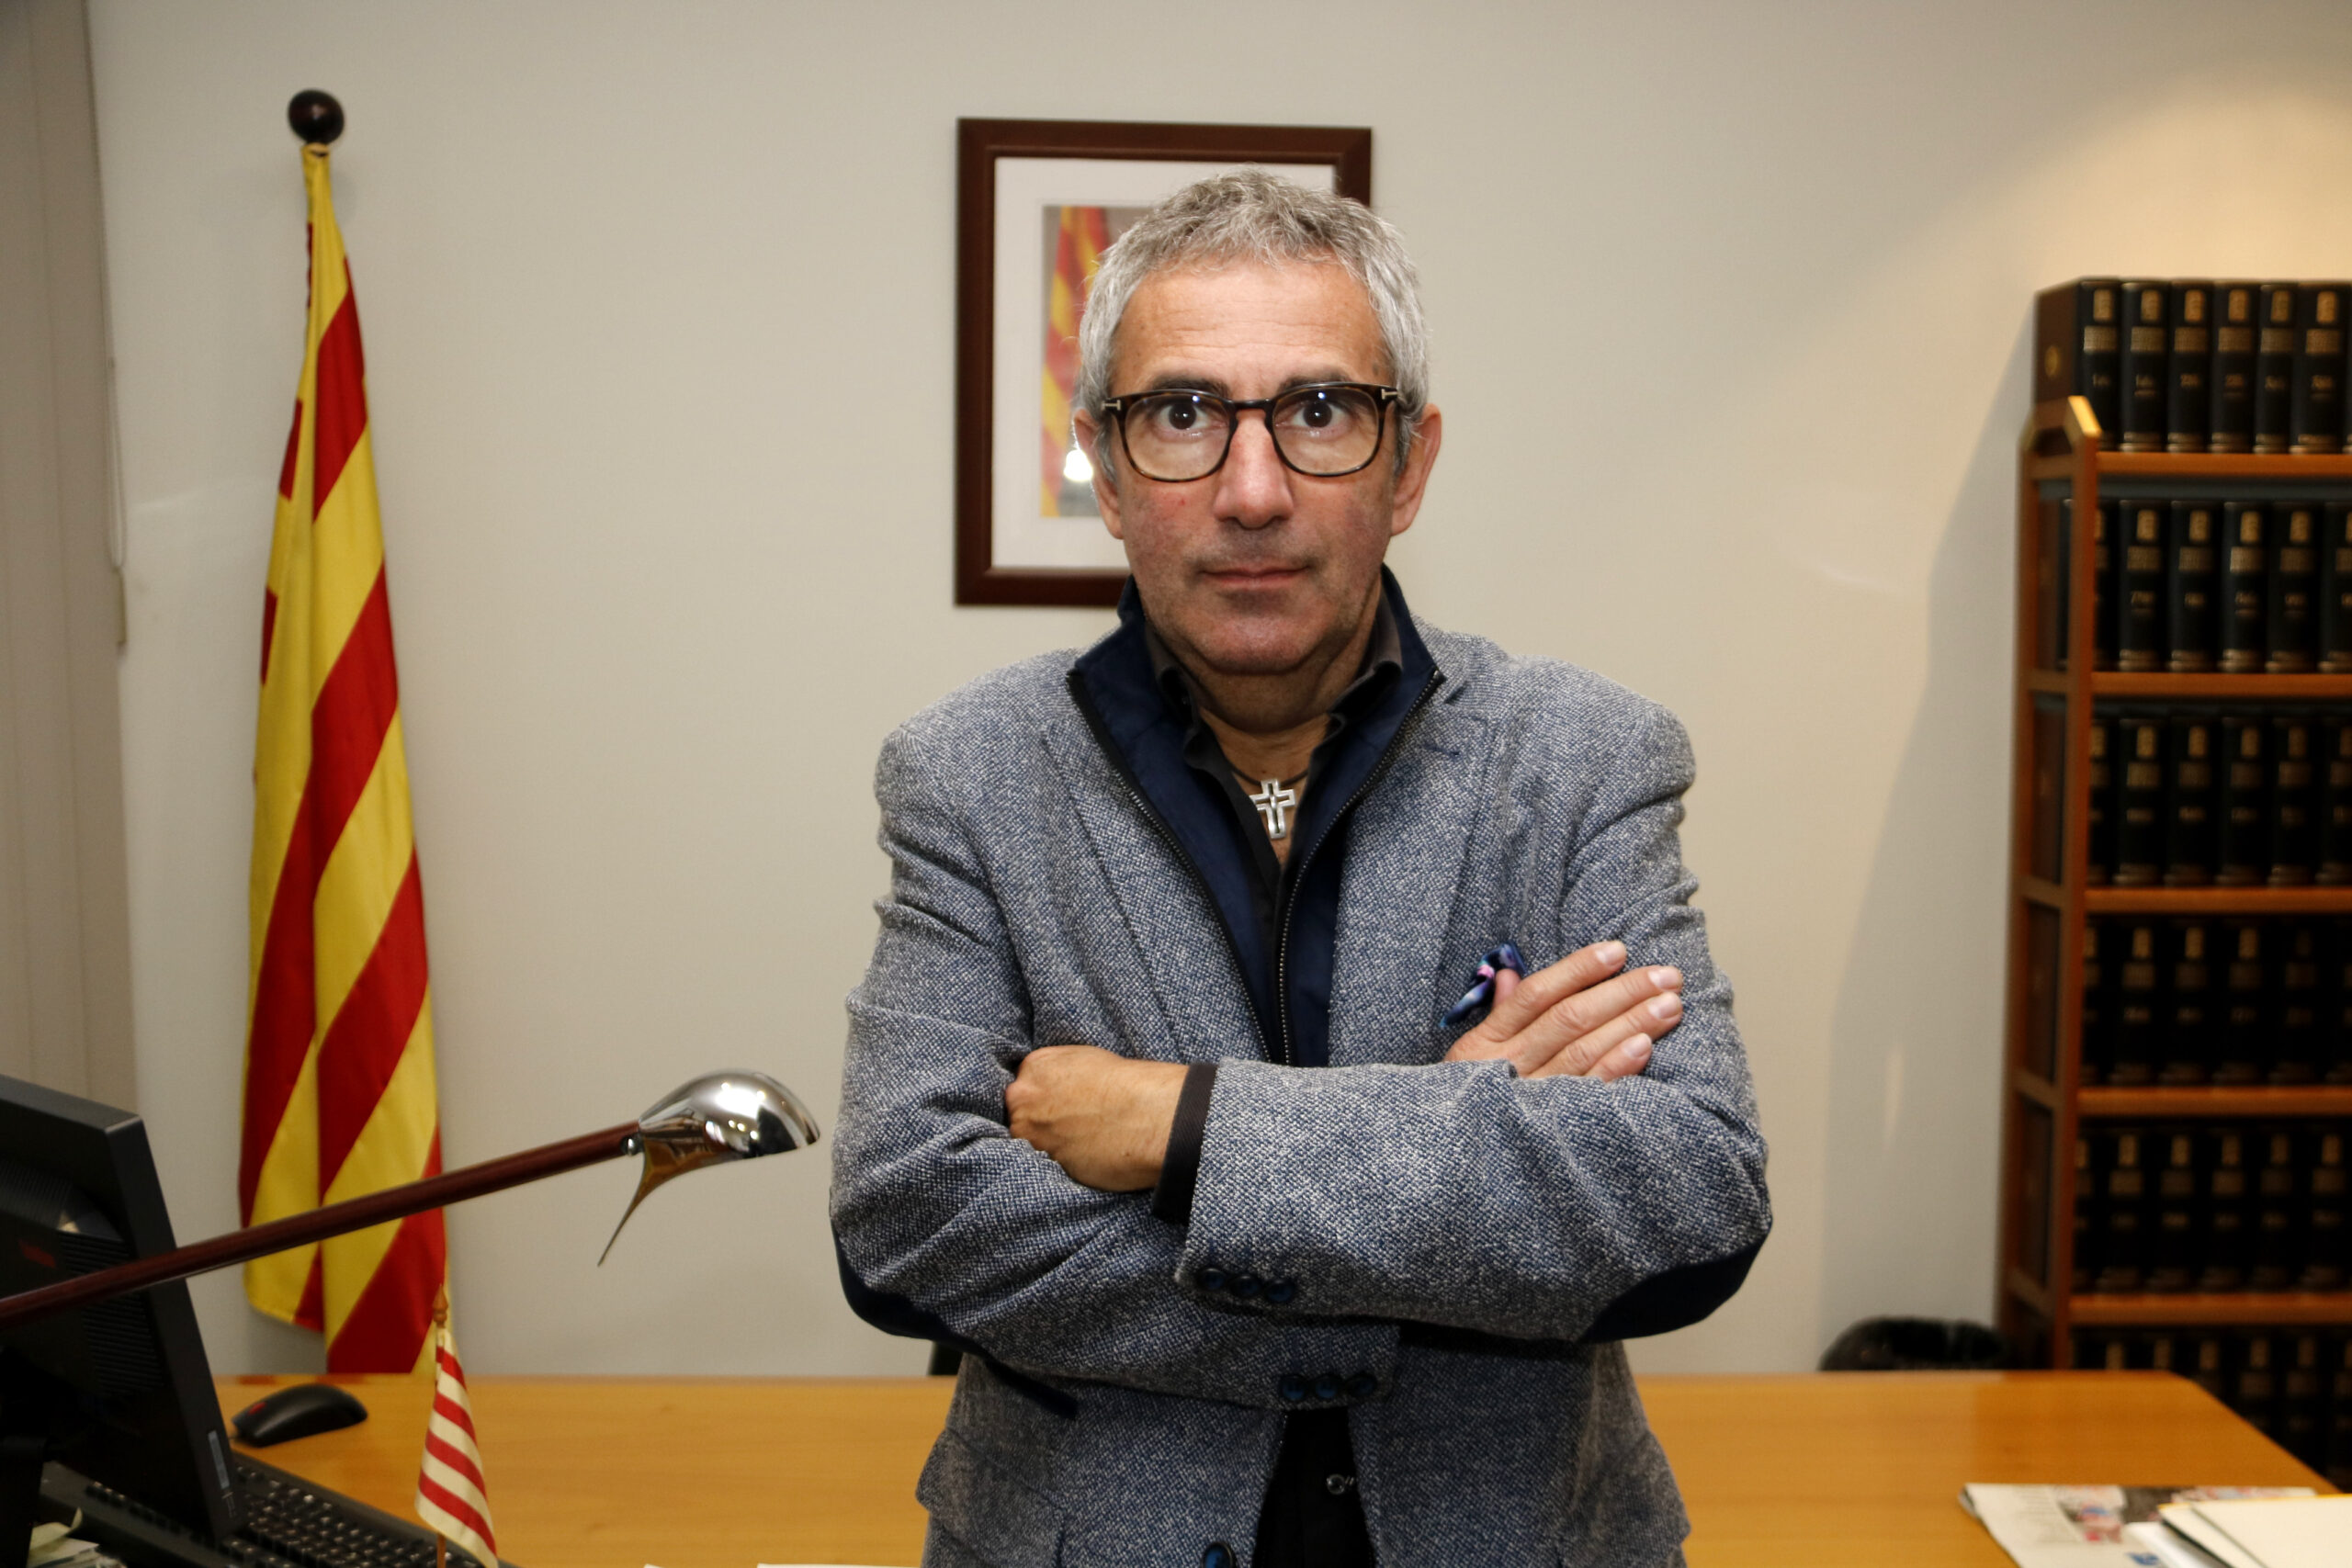 Pla mitjà on es pot veure el president del Consell Comarcal del Pla d'Urgell, Rafel Panadés, al seu despatx, el 16 de novembre de 2020. (Horitzontal)